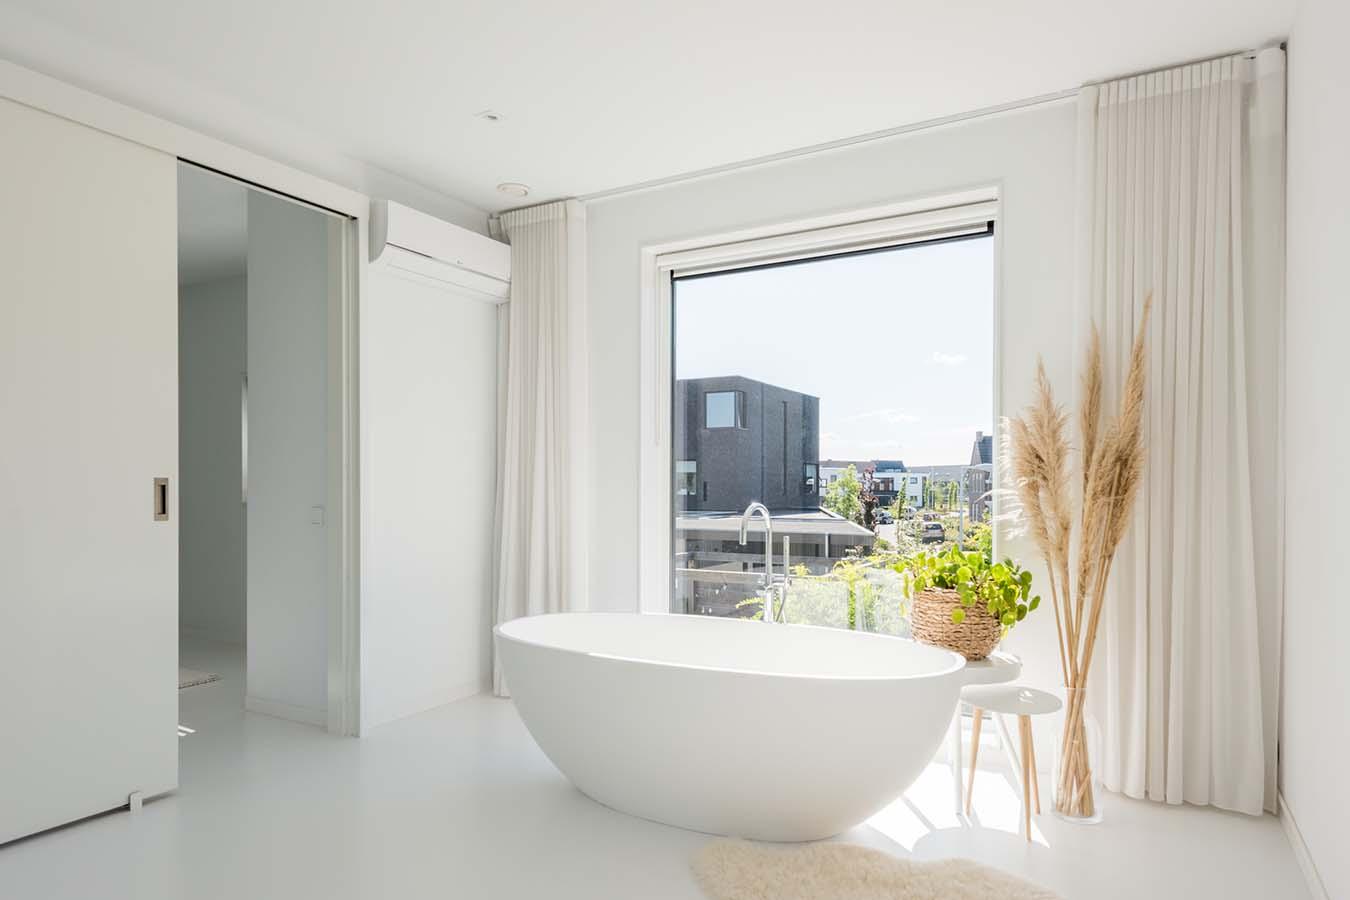 vrijstaand bad in lichte woning